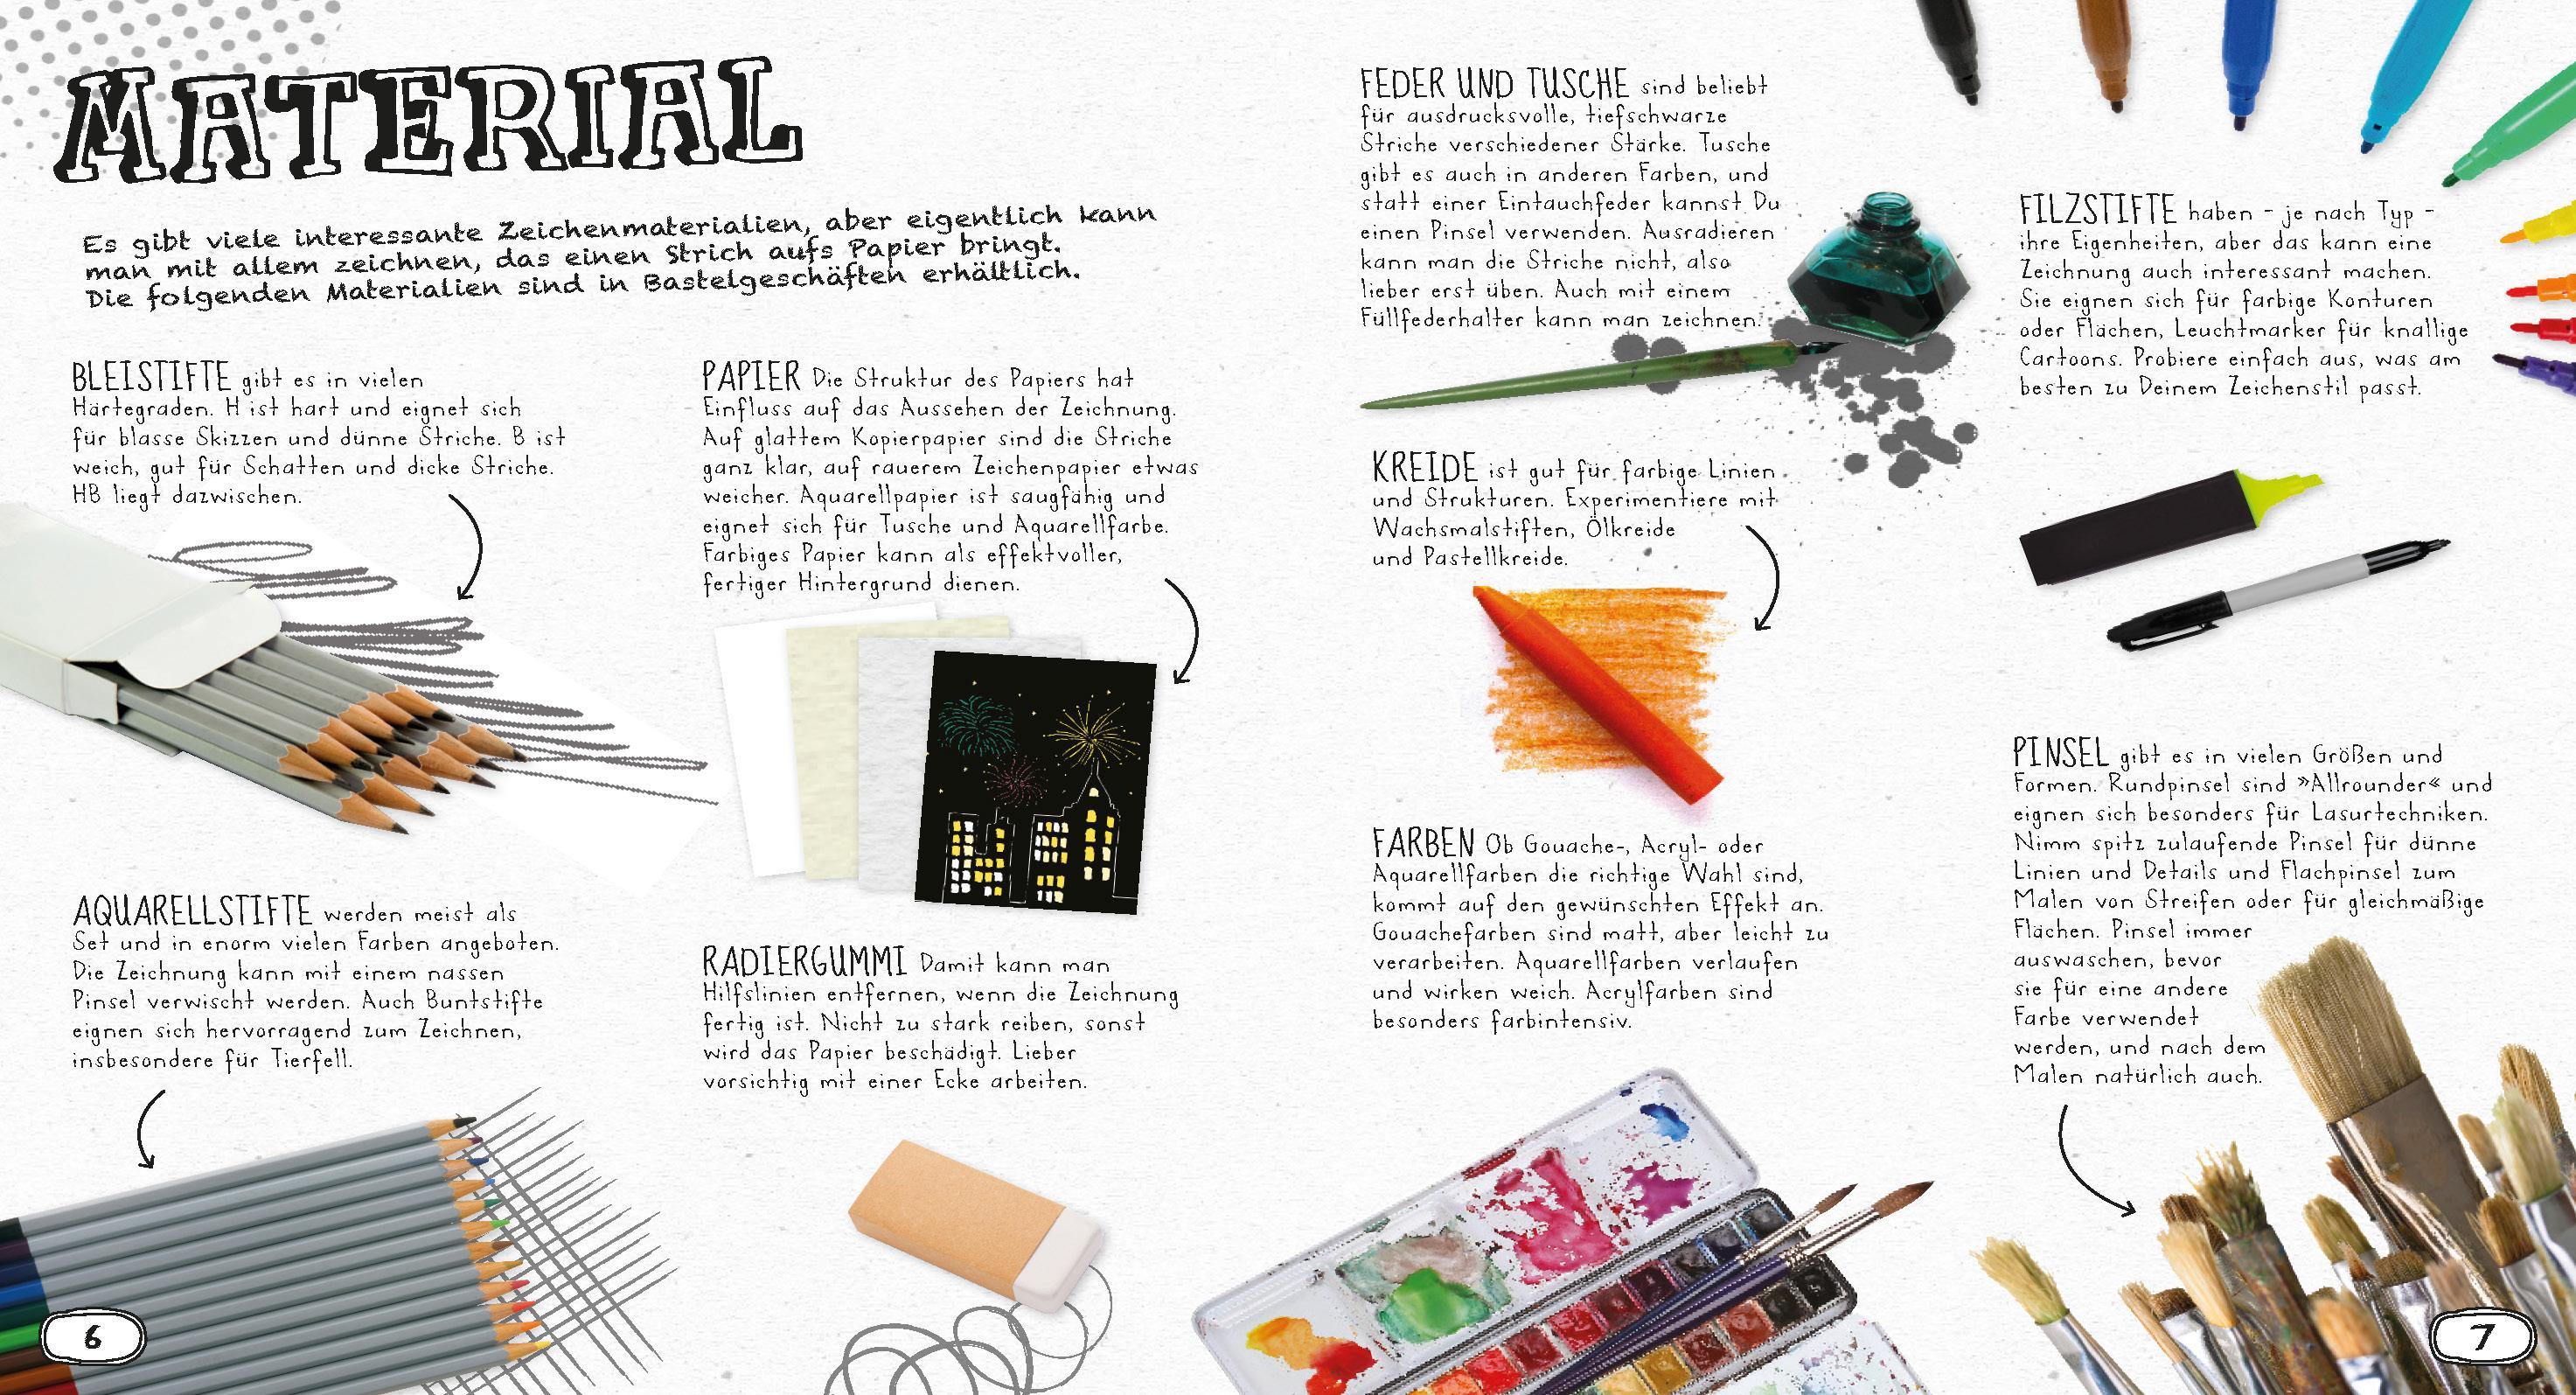 Großartig Große Farben Ihrer Küche Zu Malen Ideen - Küchenschrank ...